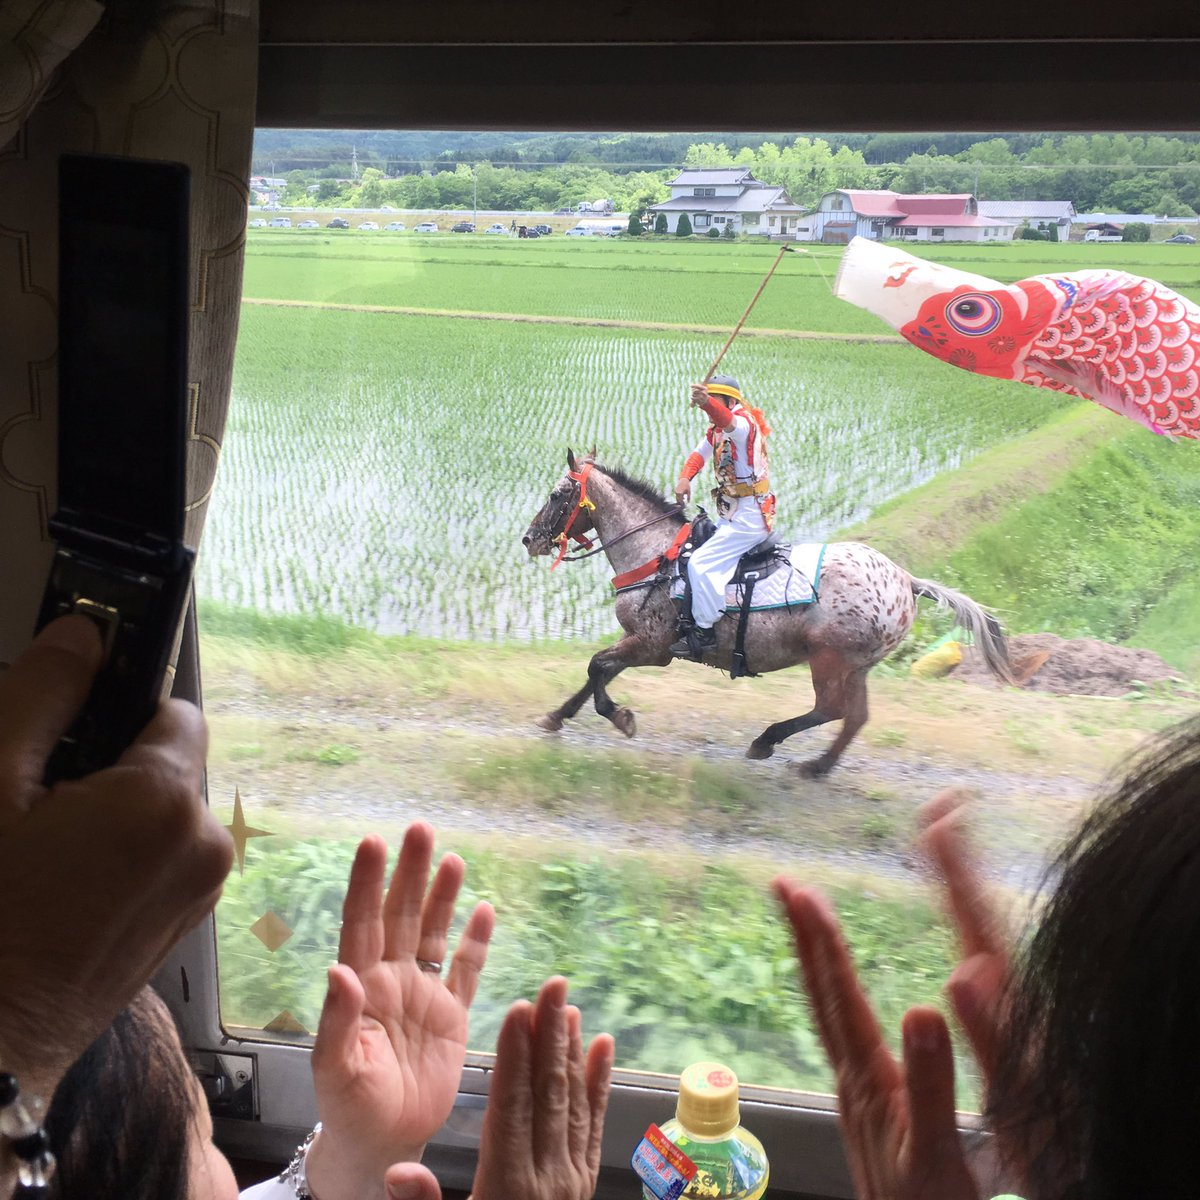 窓の外を馬が並走してた https://t.co/VcQ5NfDtFo